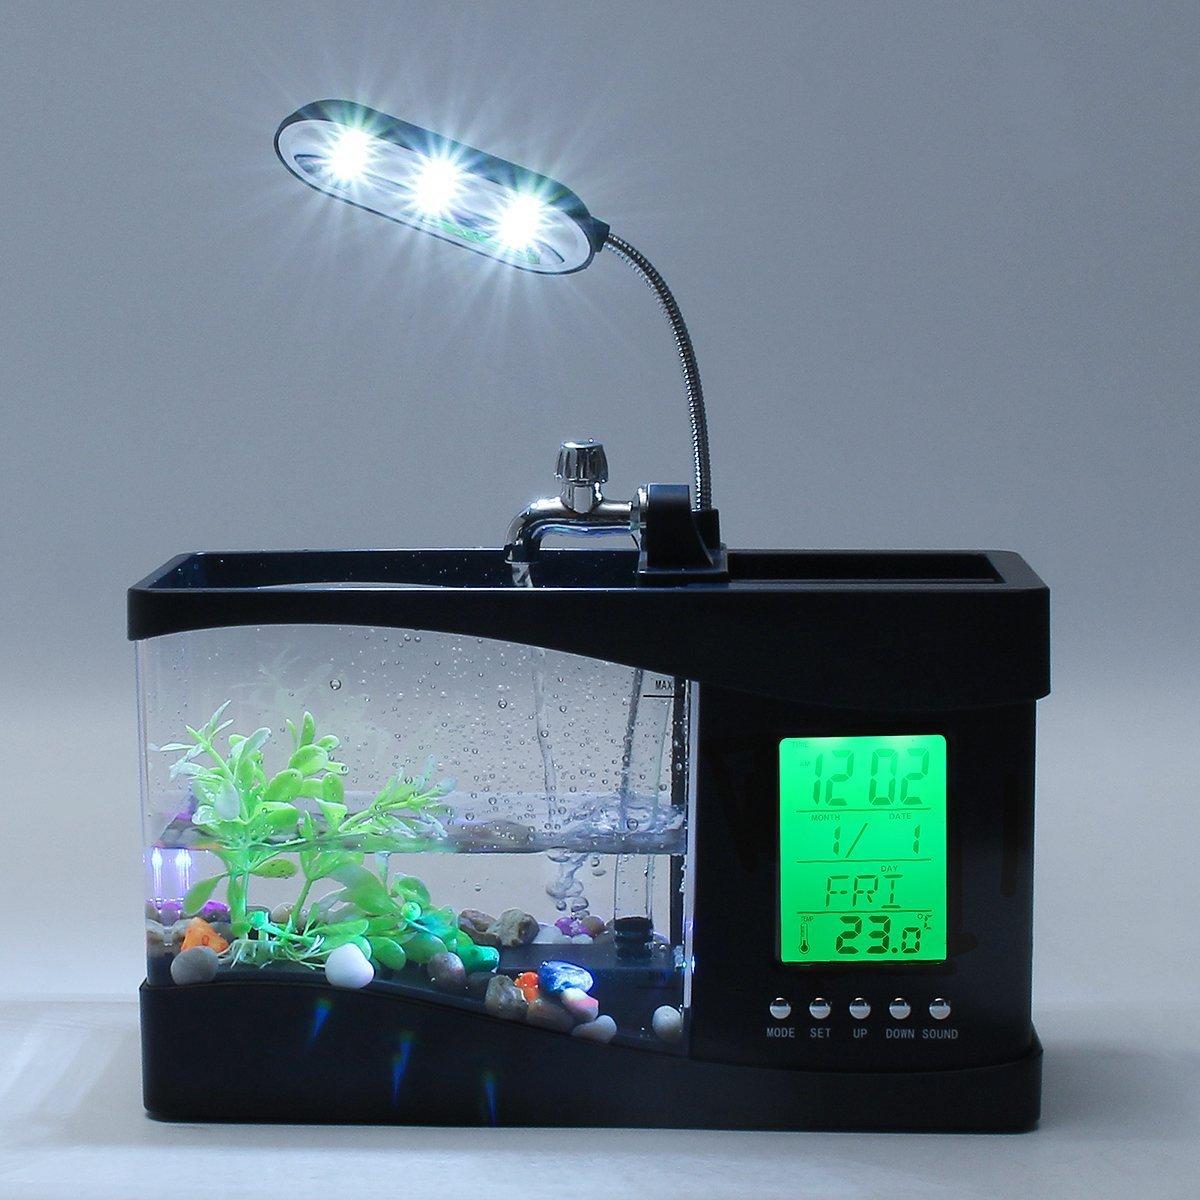 TKSTAR-tanque de peces multifuncional, USB de escritorio, acuario, mini pecera con agua corriente, LCD reloj despertador, colorido LED lámpara luz ...